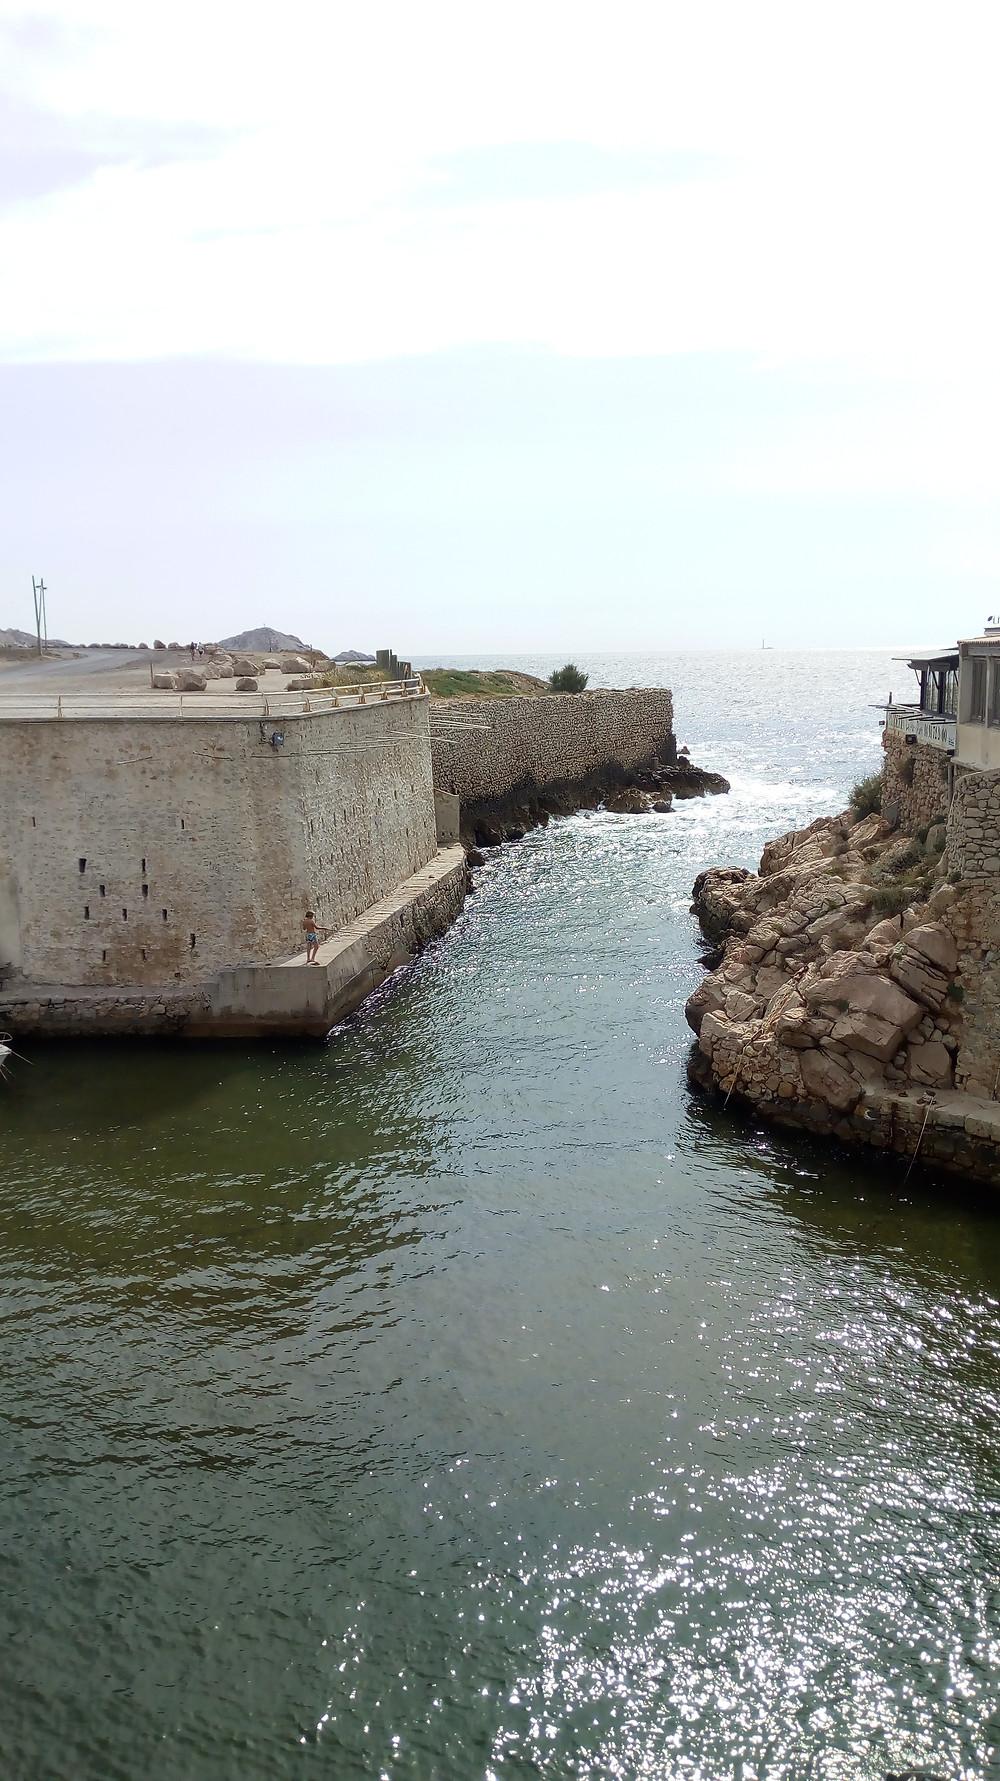 Calanque et Port de l'Escalette